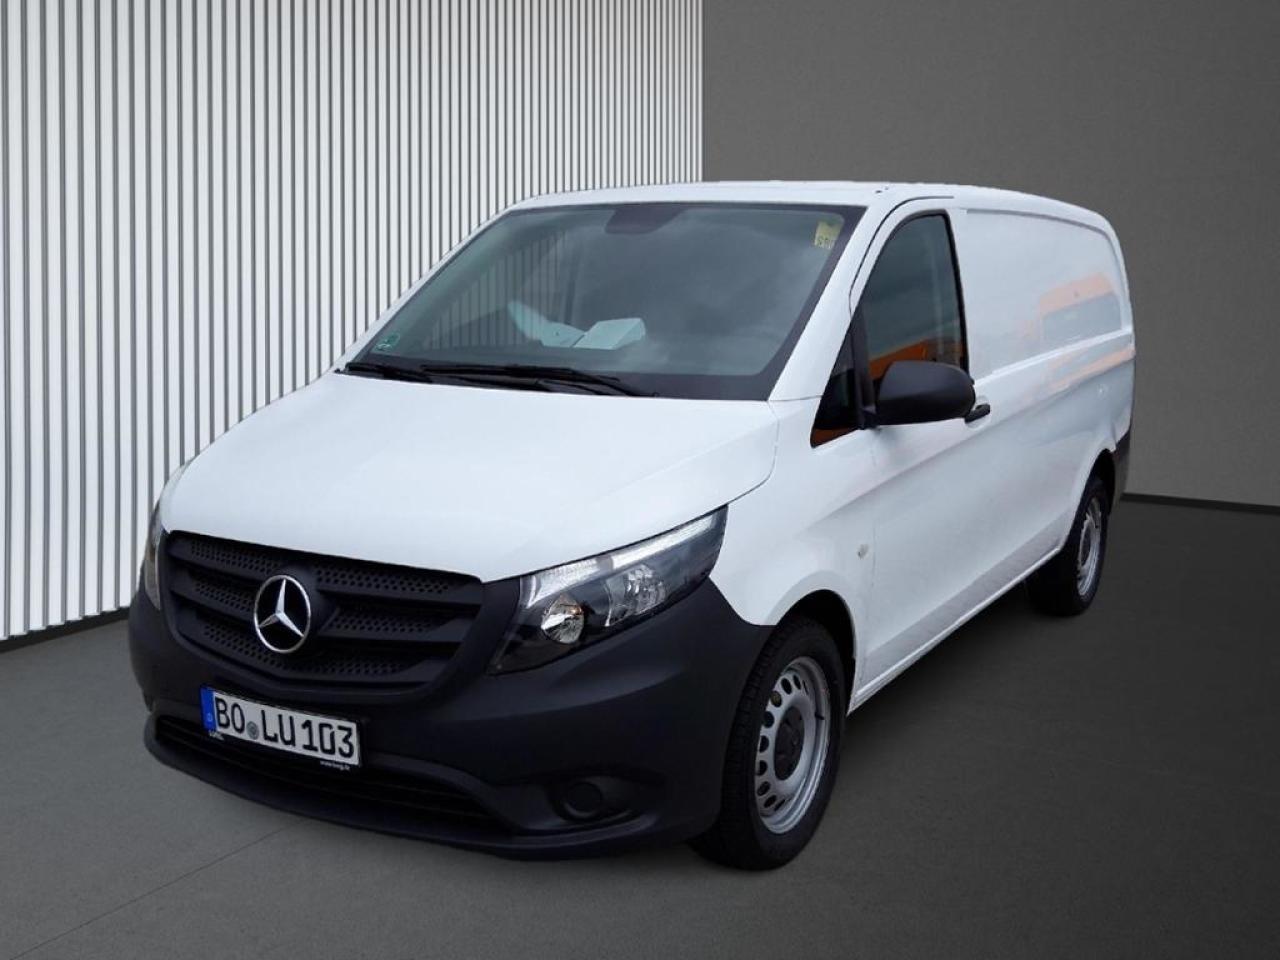 Vito 110 CDI KA/B/L Kastenwagen/Base/lang